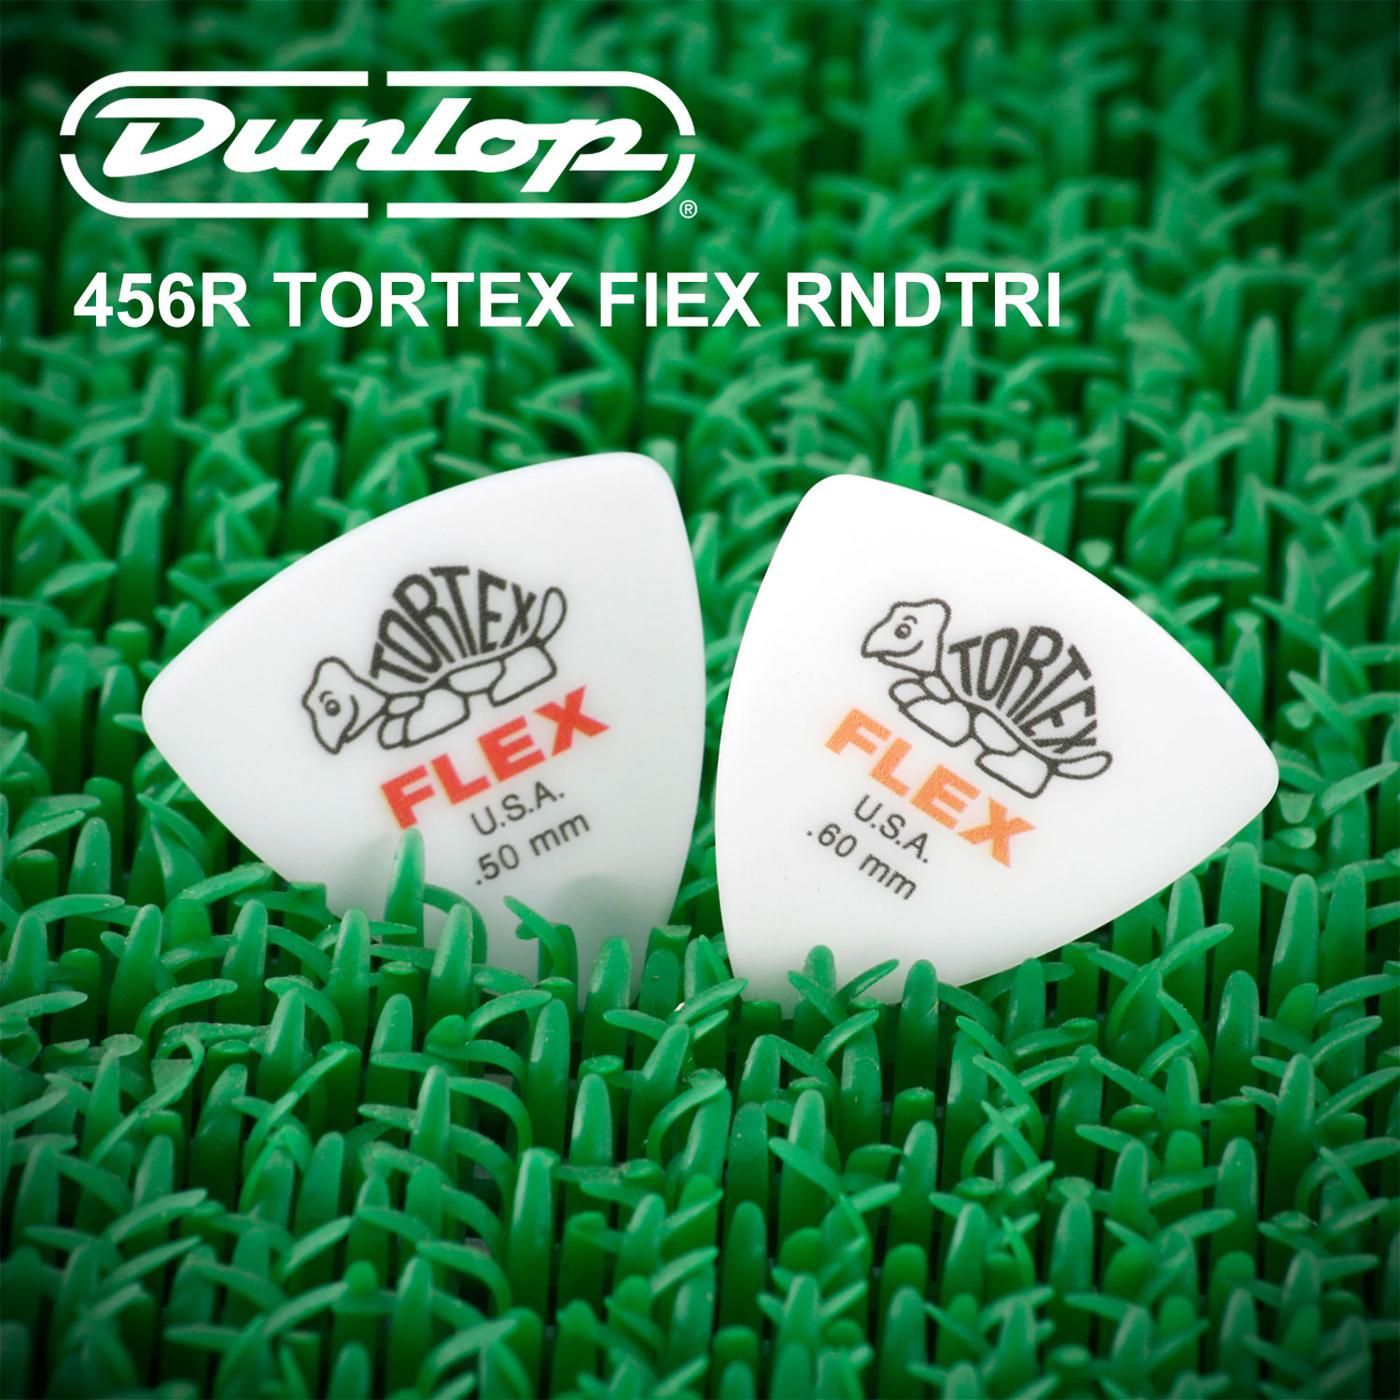 小叮噹的店-Dunlop 456R 尼龍彈片 PICK FLEX 三角吉他彈片半透明